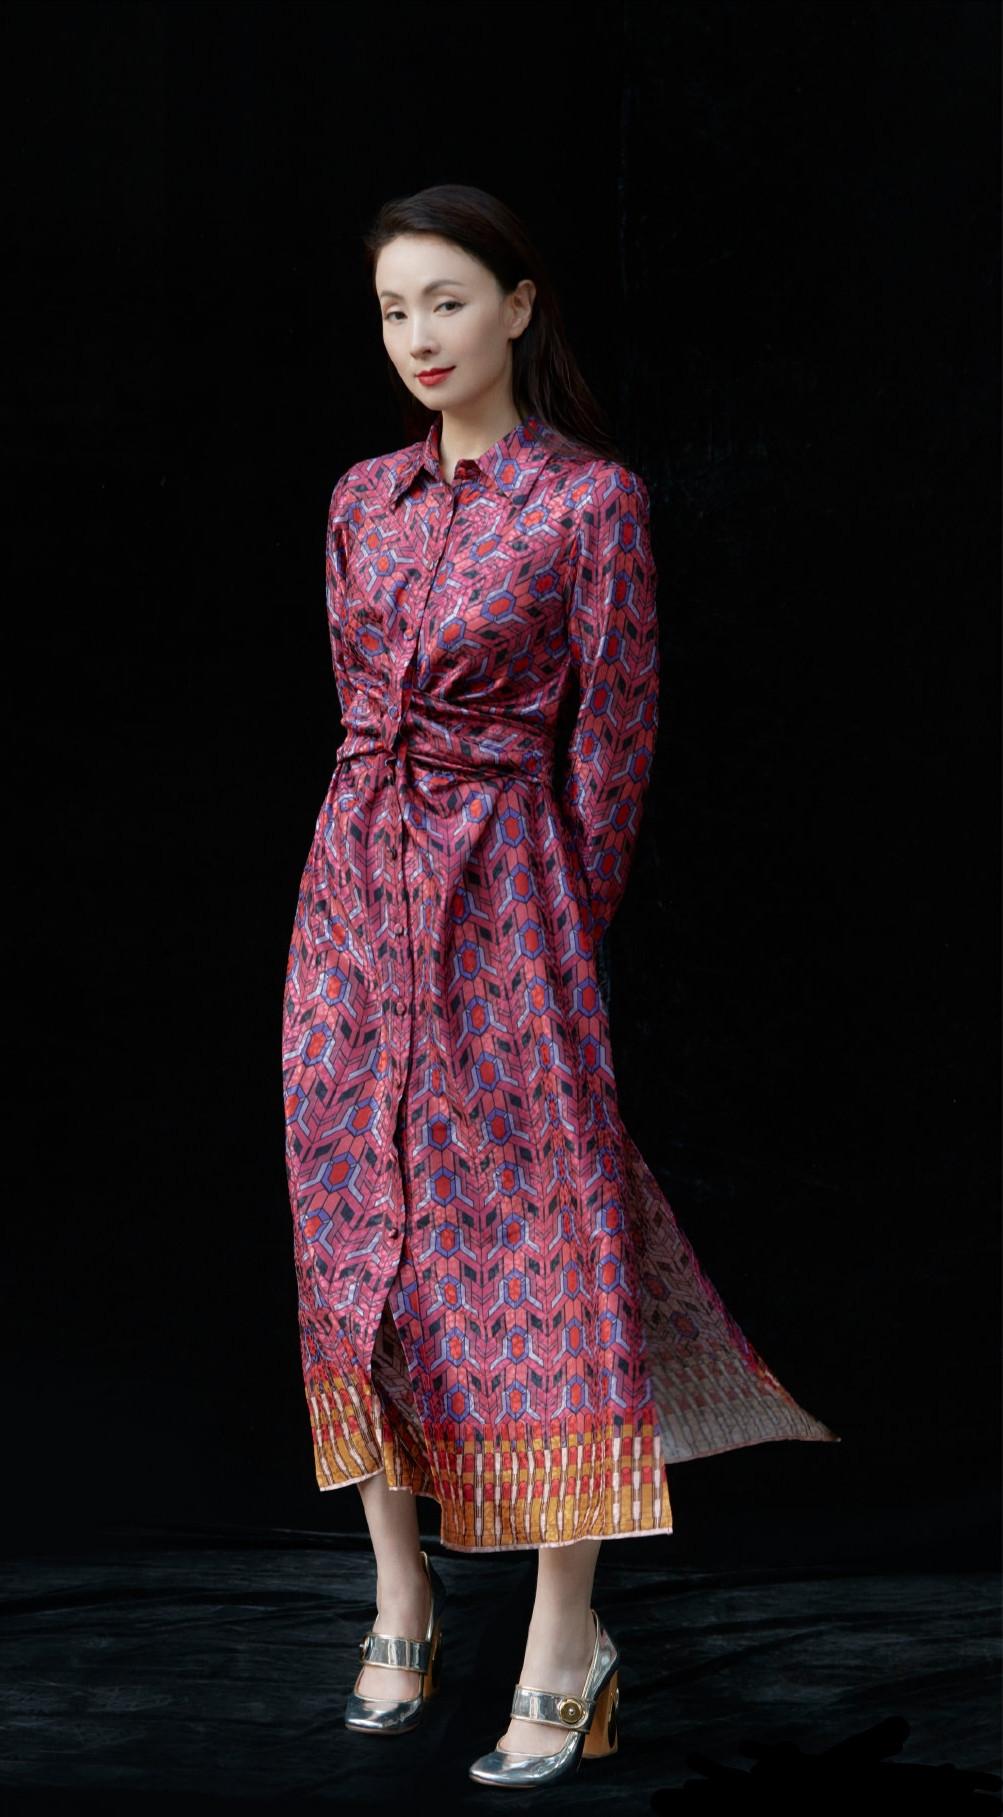 47岁小陶虹拍摄杂志,印花长裙搭配披肩长发,美得像从画里走出来一样